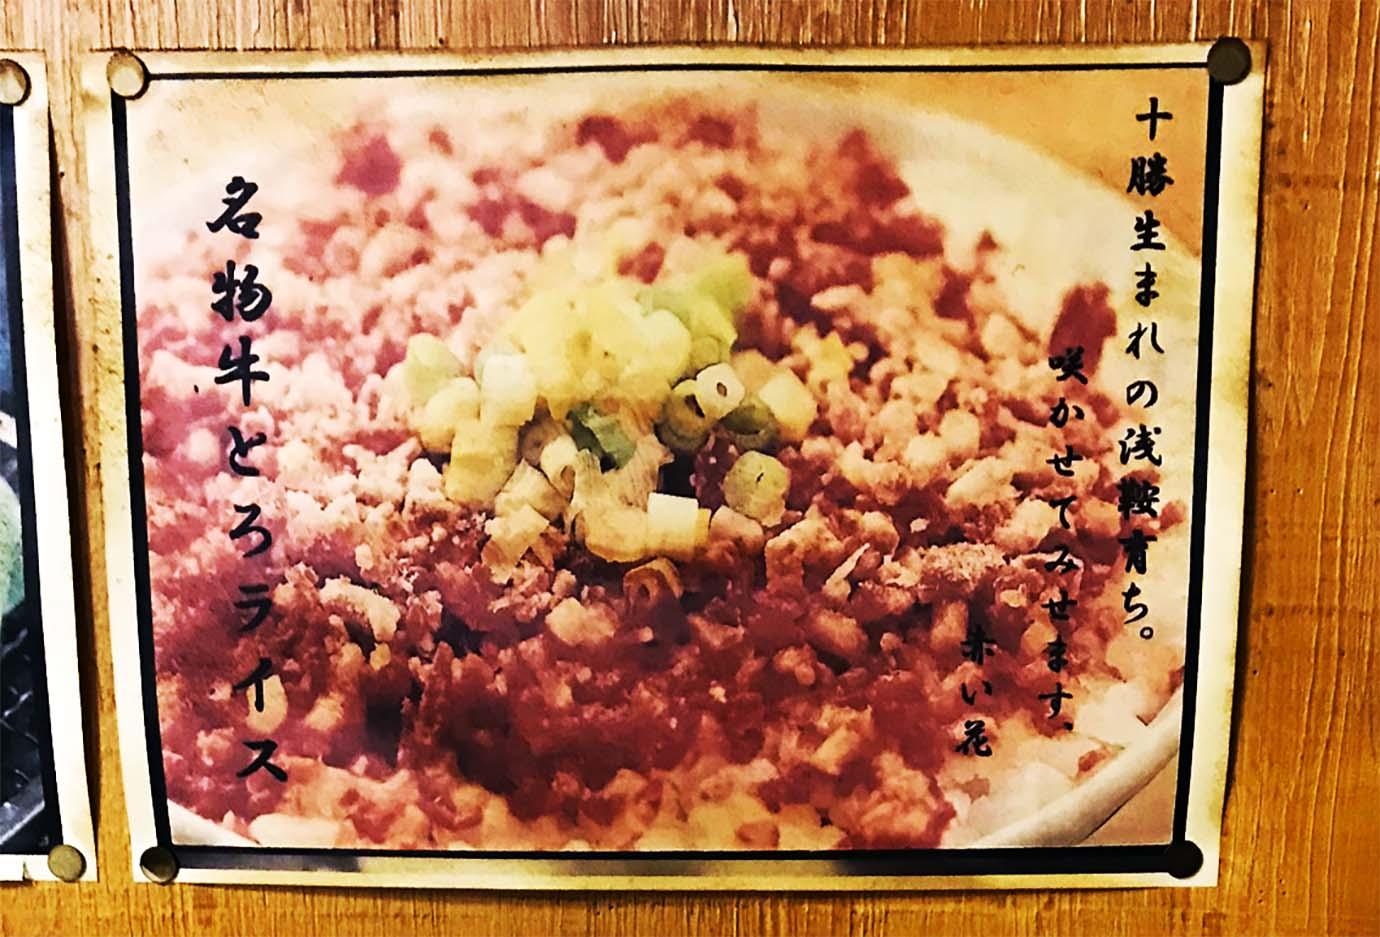 asakura-sapporo9